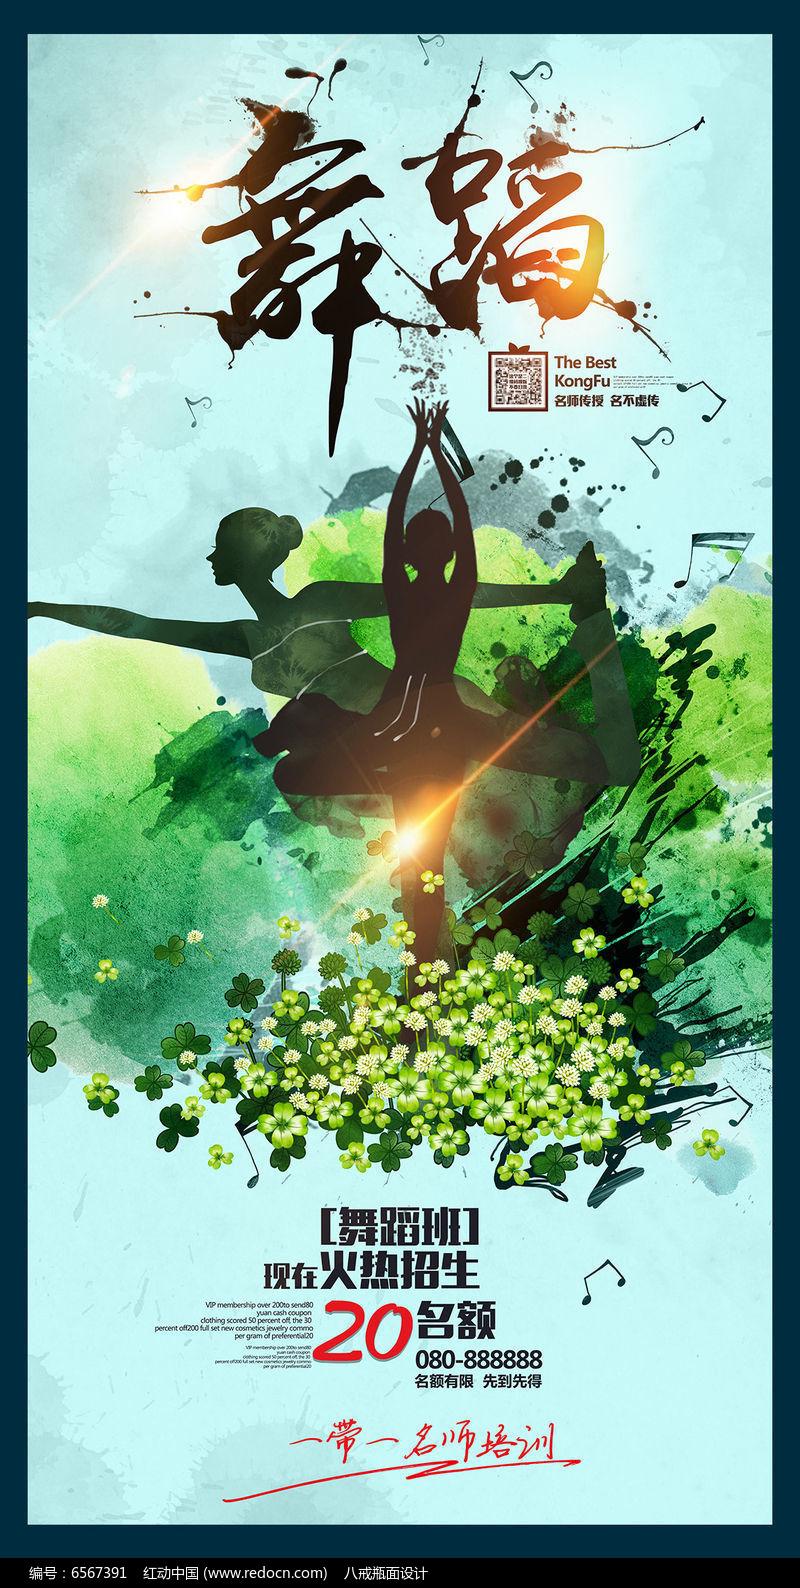 艺术水彩风舞蹈班培训招生海报